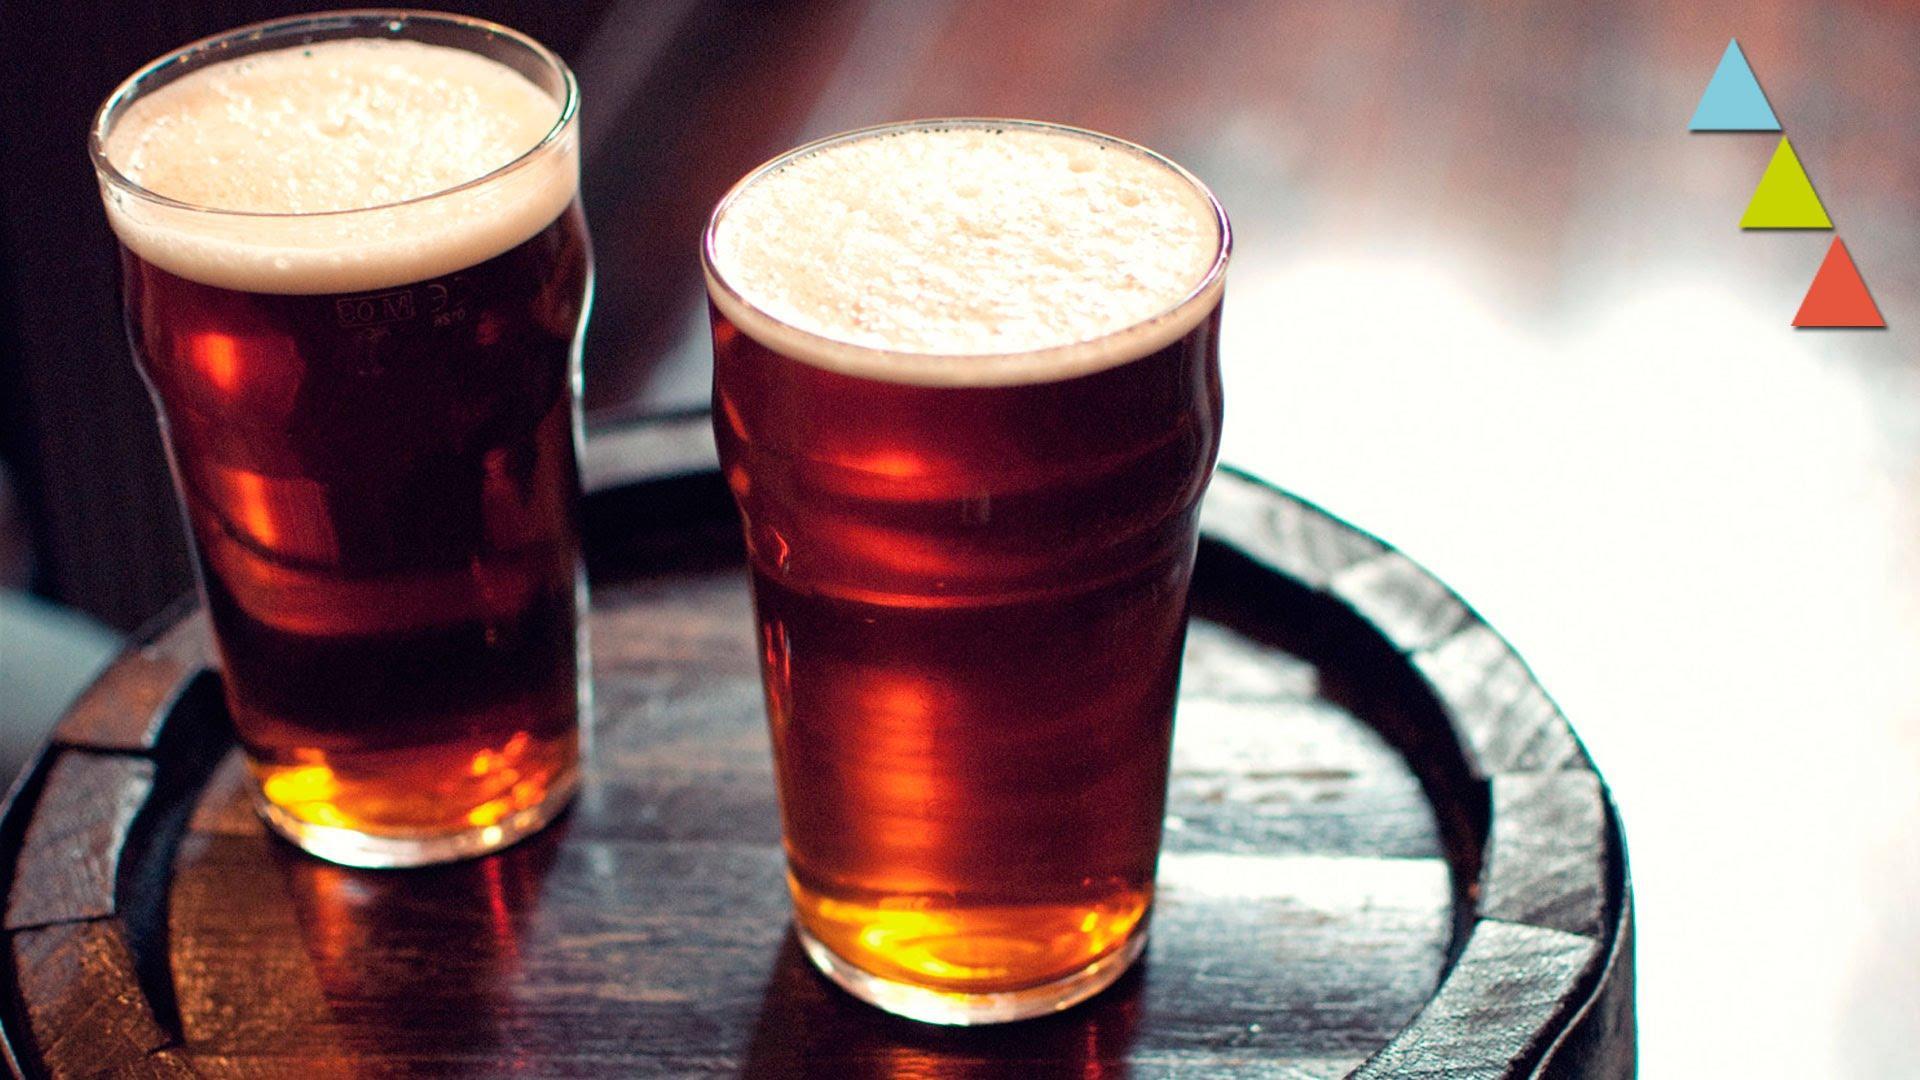 Descubre los diez usos médicos de la cerveza que no conocías